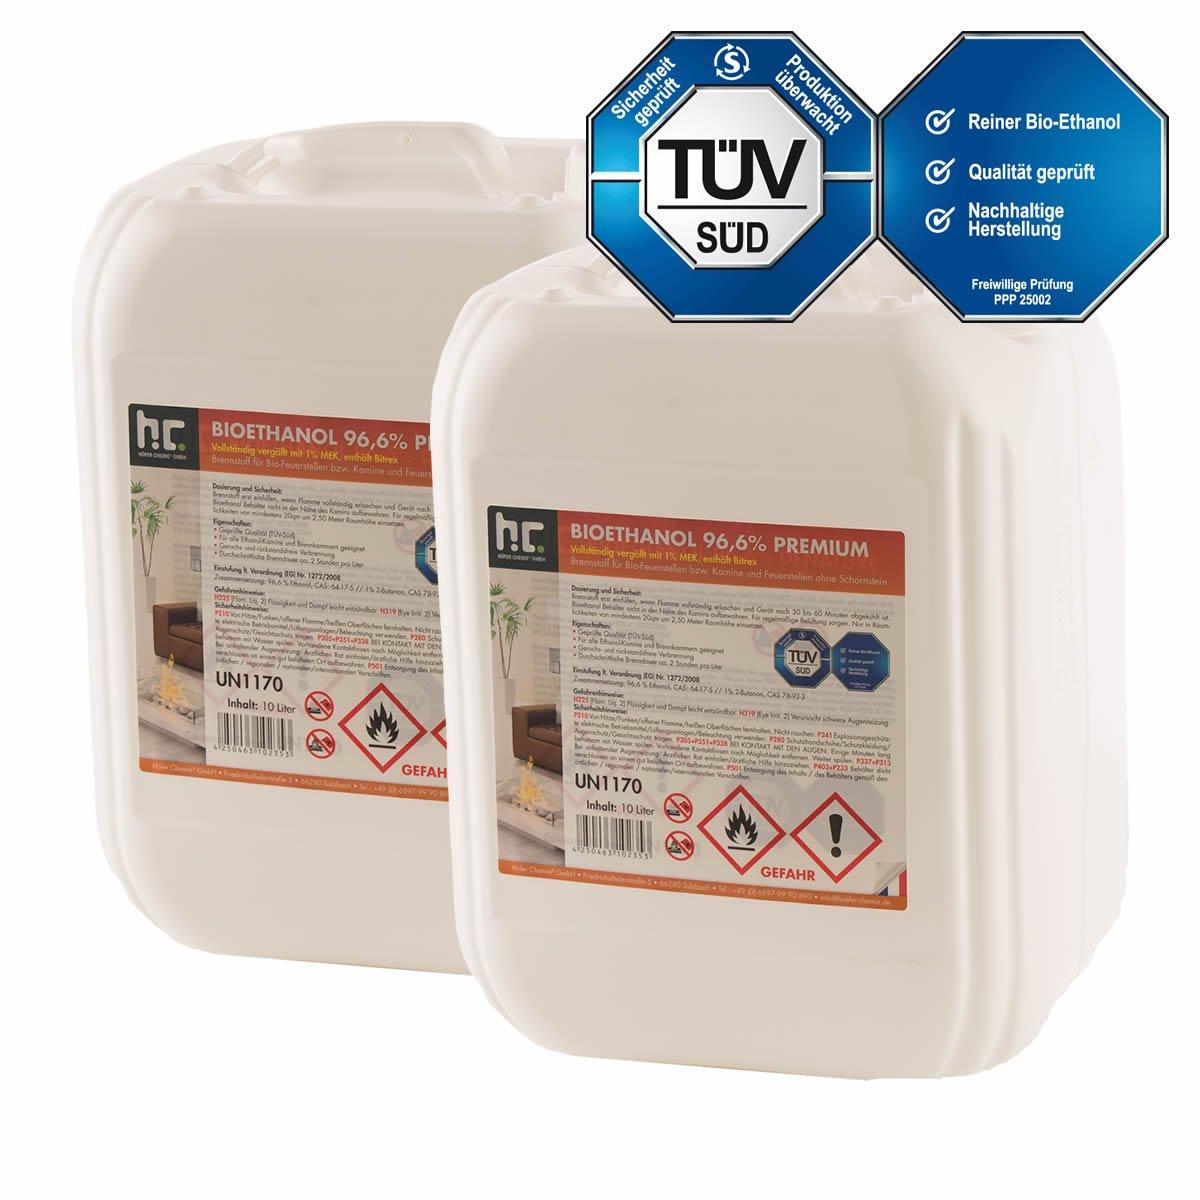 Höfer Chemie 2 x 10 L (20 Liter) Bioethanol 96,6% Premium - TÜV SÜD zertifizierte QUALITÄT - für Ethanol Kamin, Ethanol Feuerstelle, Ethanol Tischfeuer und Bioethanol Kamin Höfer Chemie GmbH